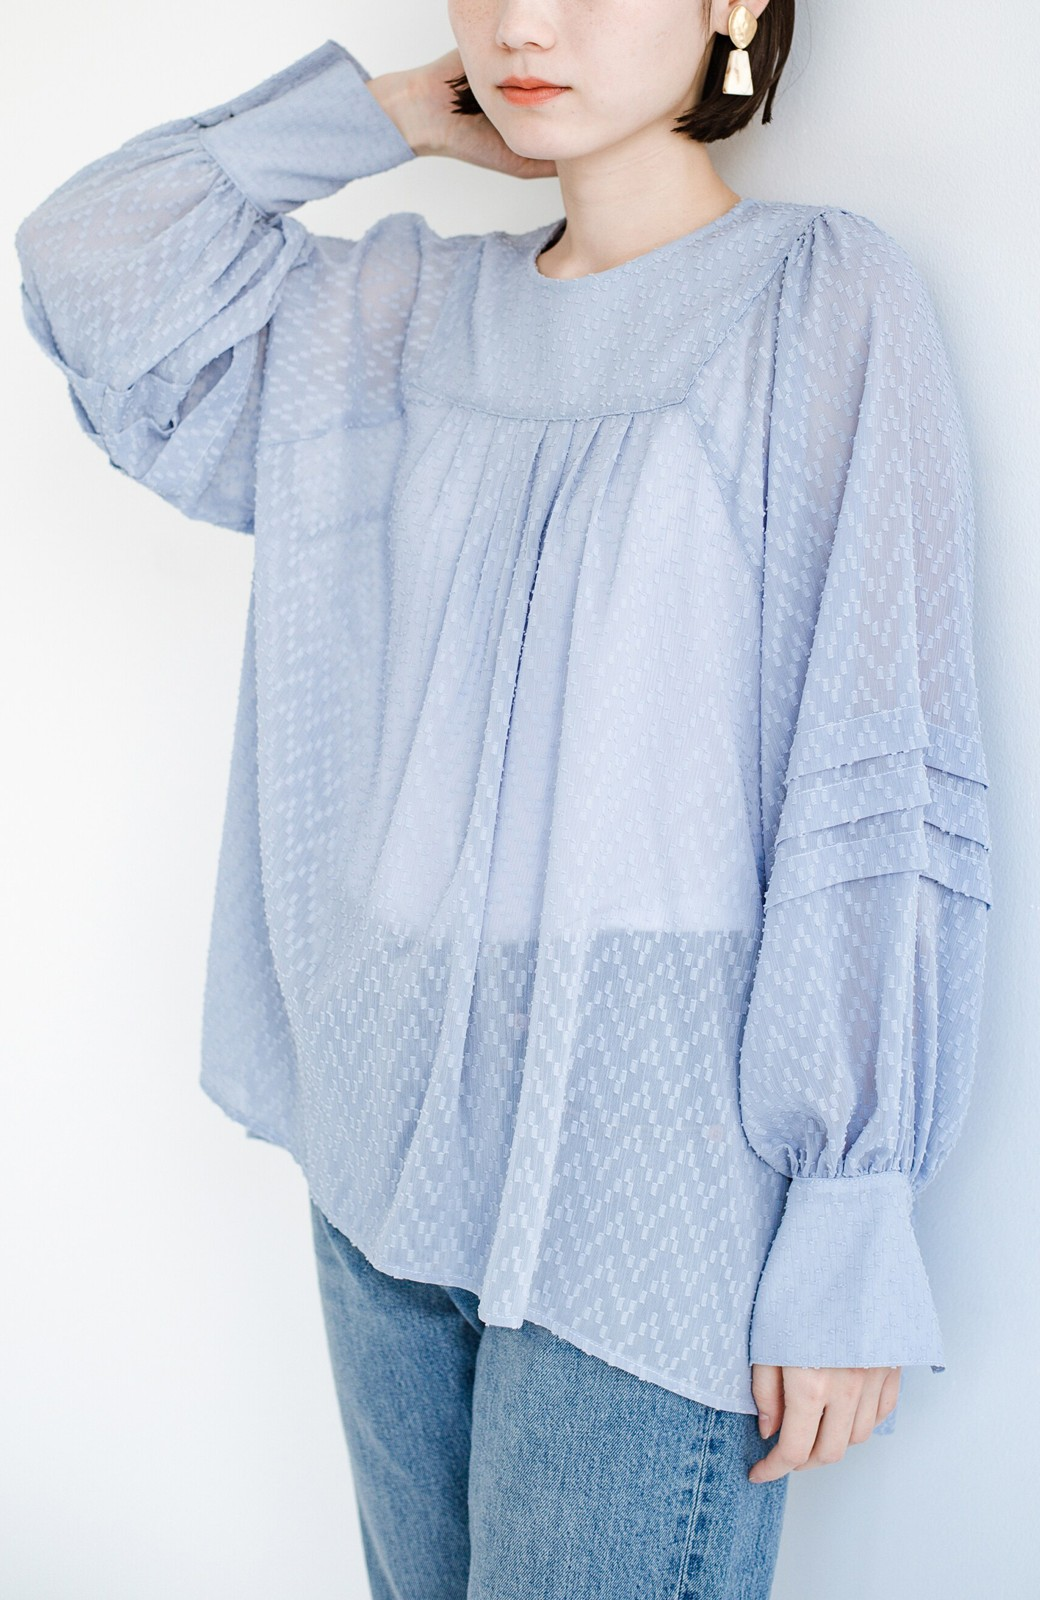 haco! 気になるところは可愛げで隠そう!ほどよい透け感で普段に着やすいドビードットの女っぽブラウス <ライトブルー>の商品写真1